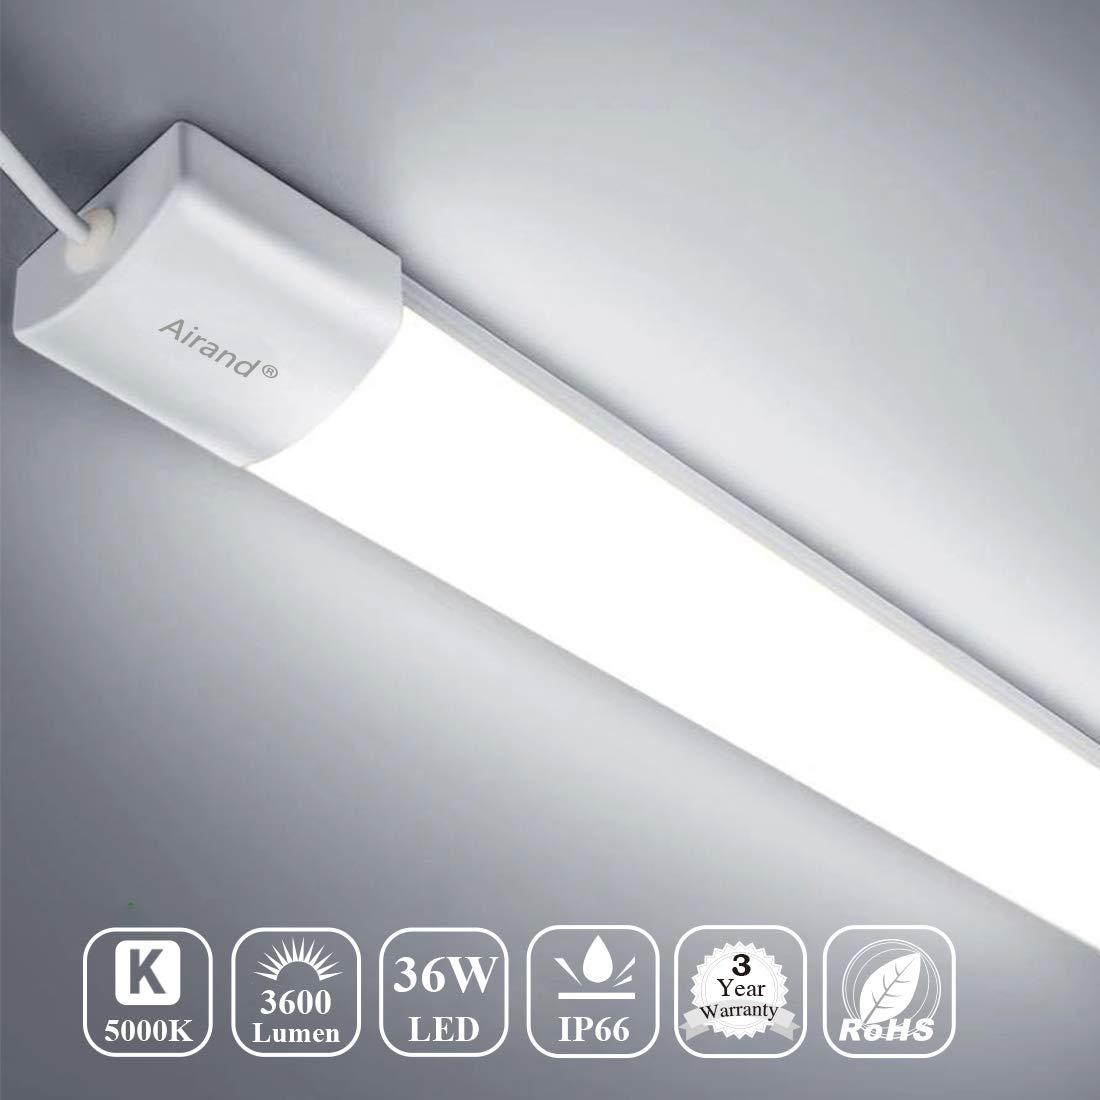 Airand 5000K LED Ceiling Light Flush Mount 36W 4FT